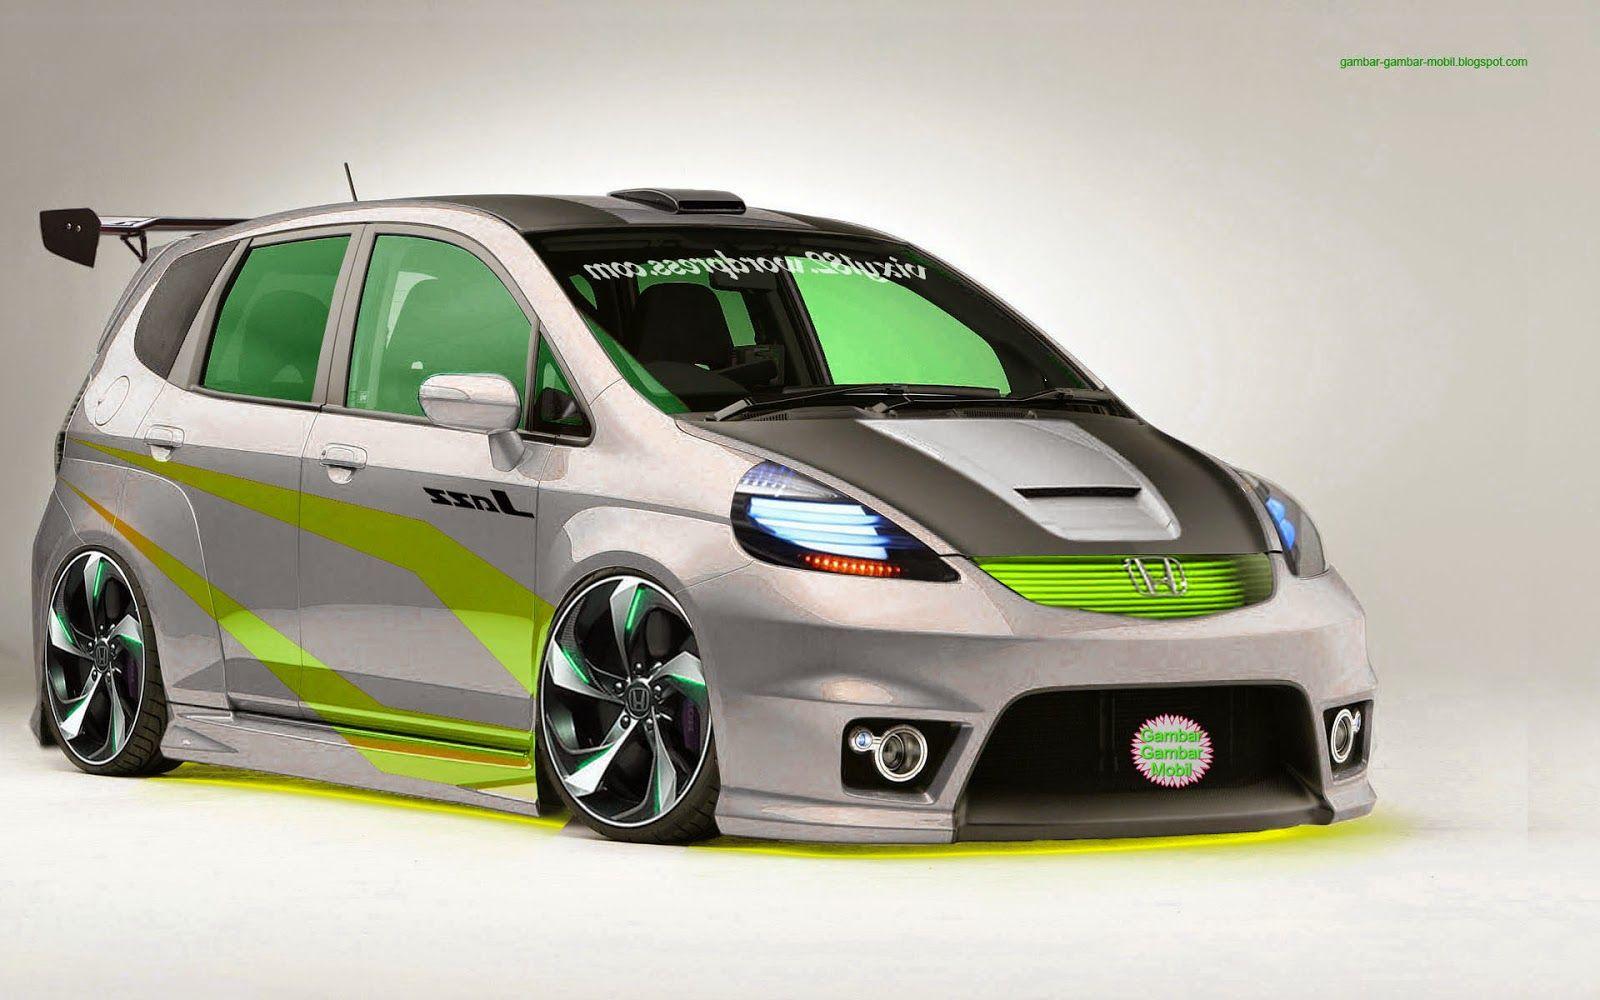 Gambar Mobil Modifikasi Gambar Gambar Mobil Honda Fit Modifikasi Mobil Mobil